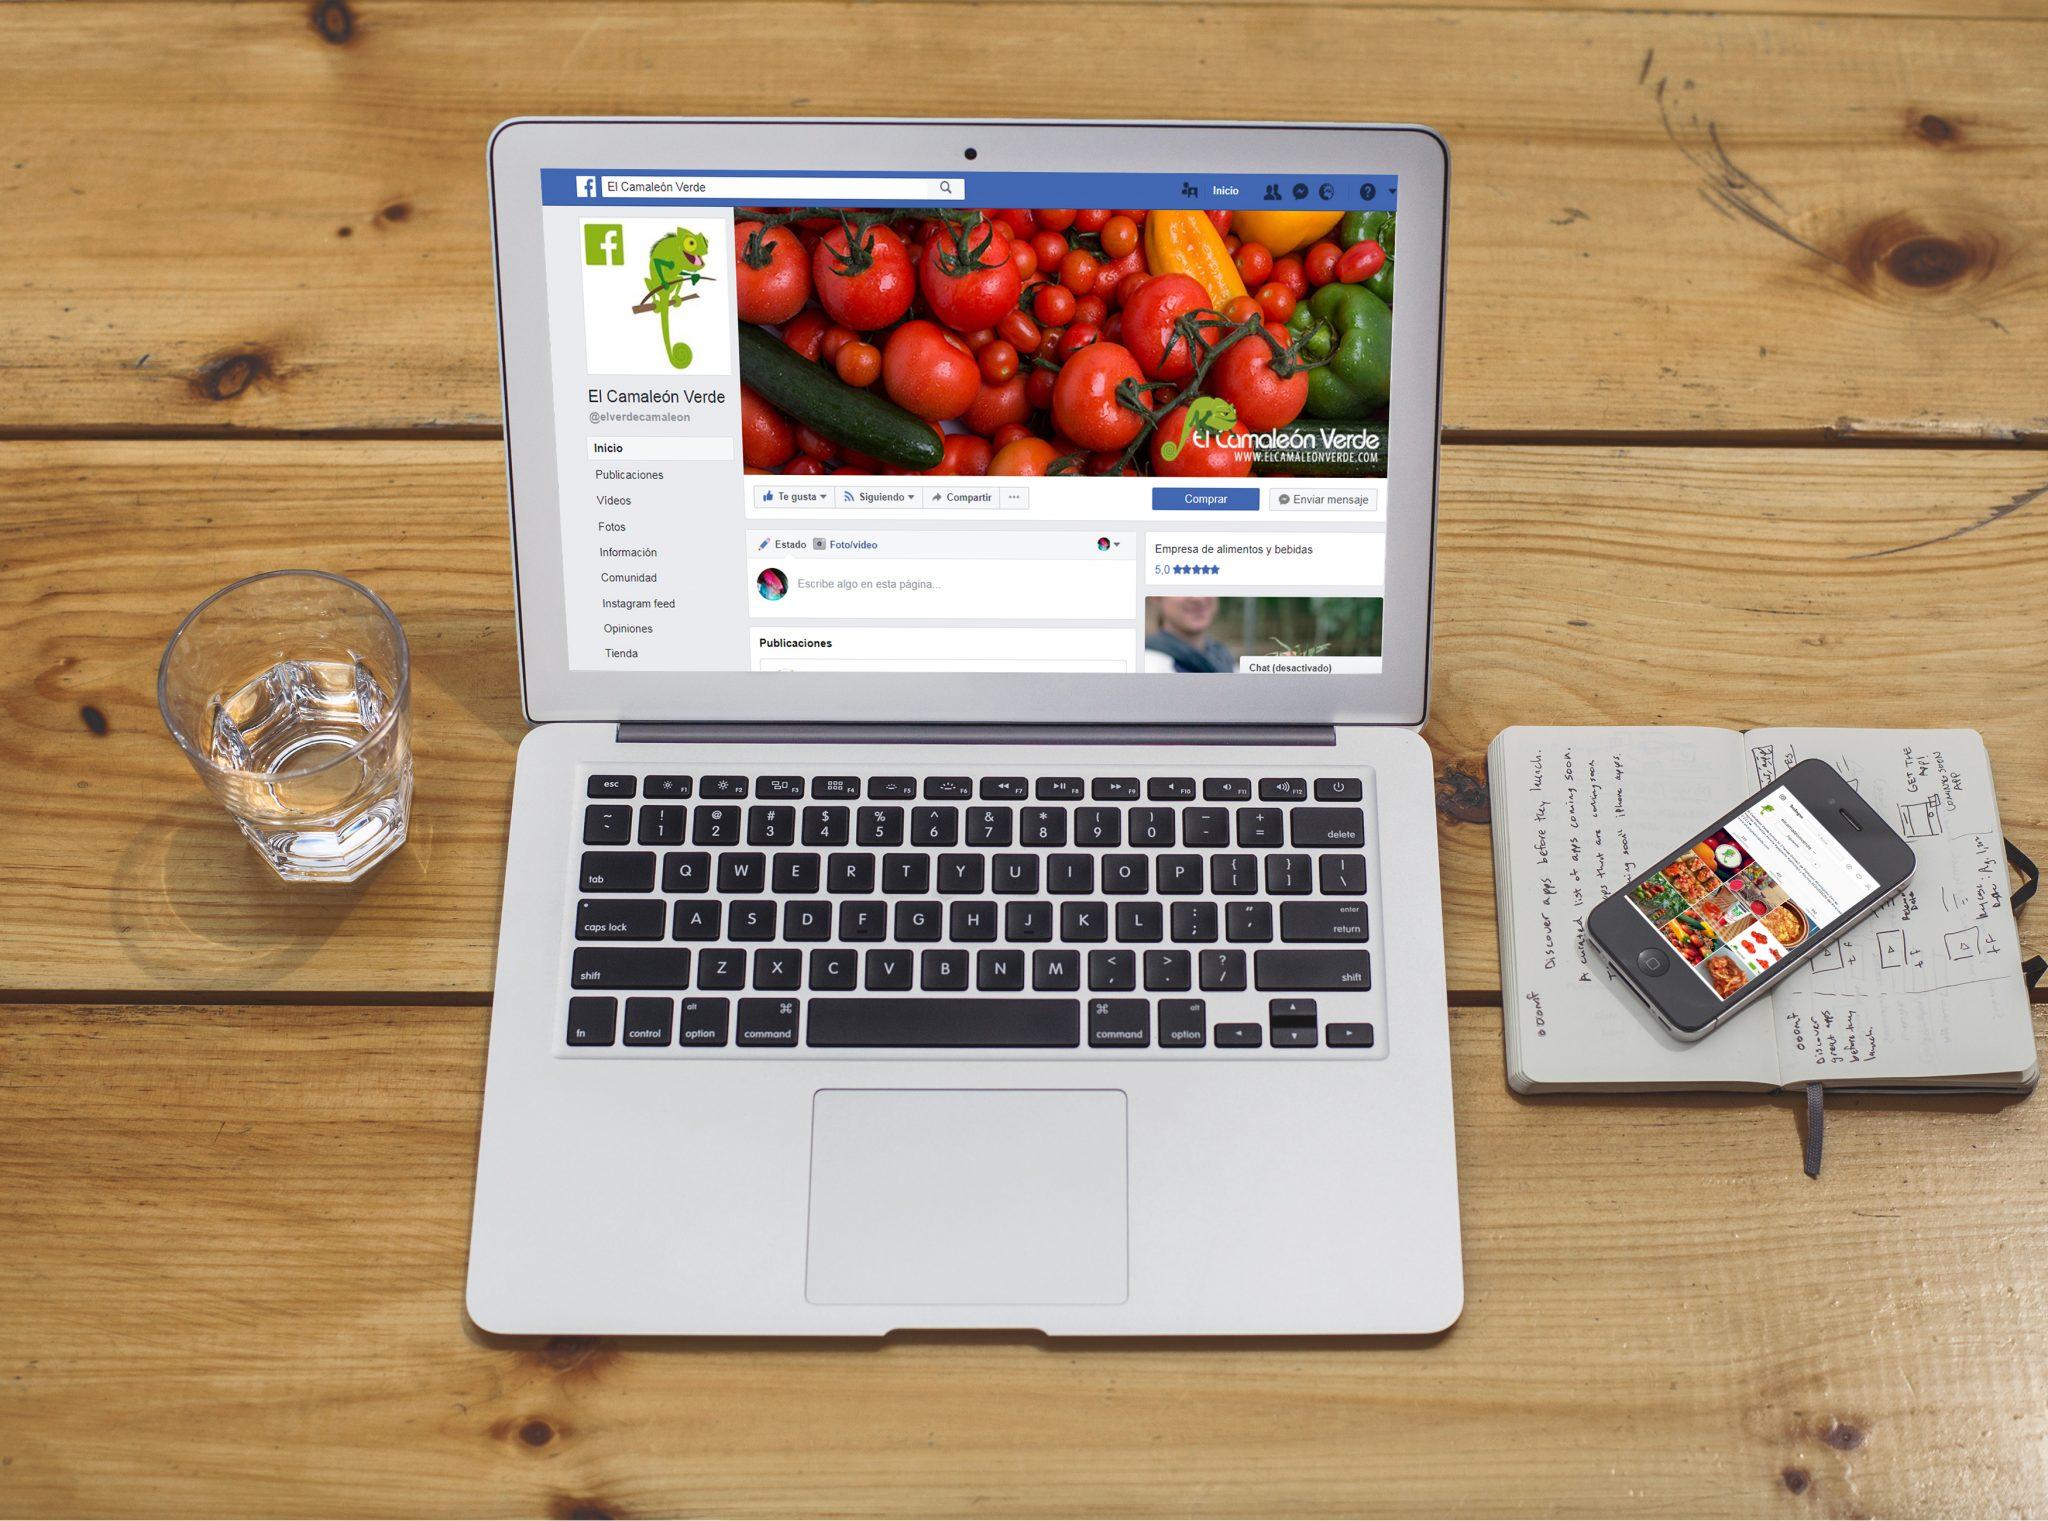 Estrategia Redes Sociales para El Camaleón Verde